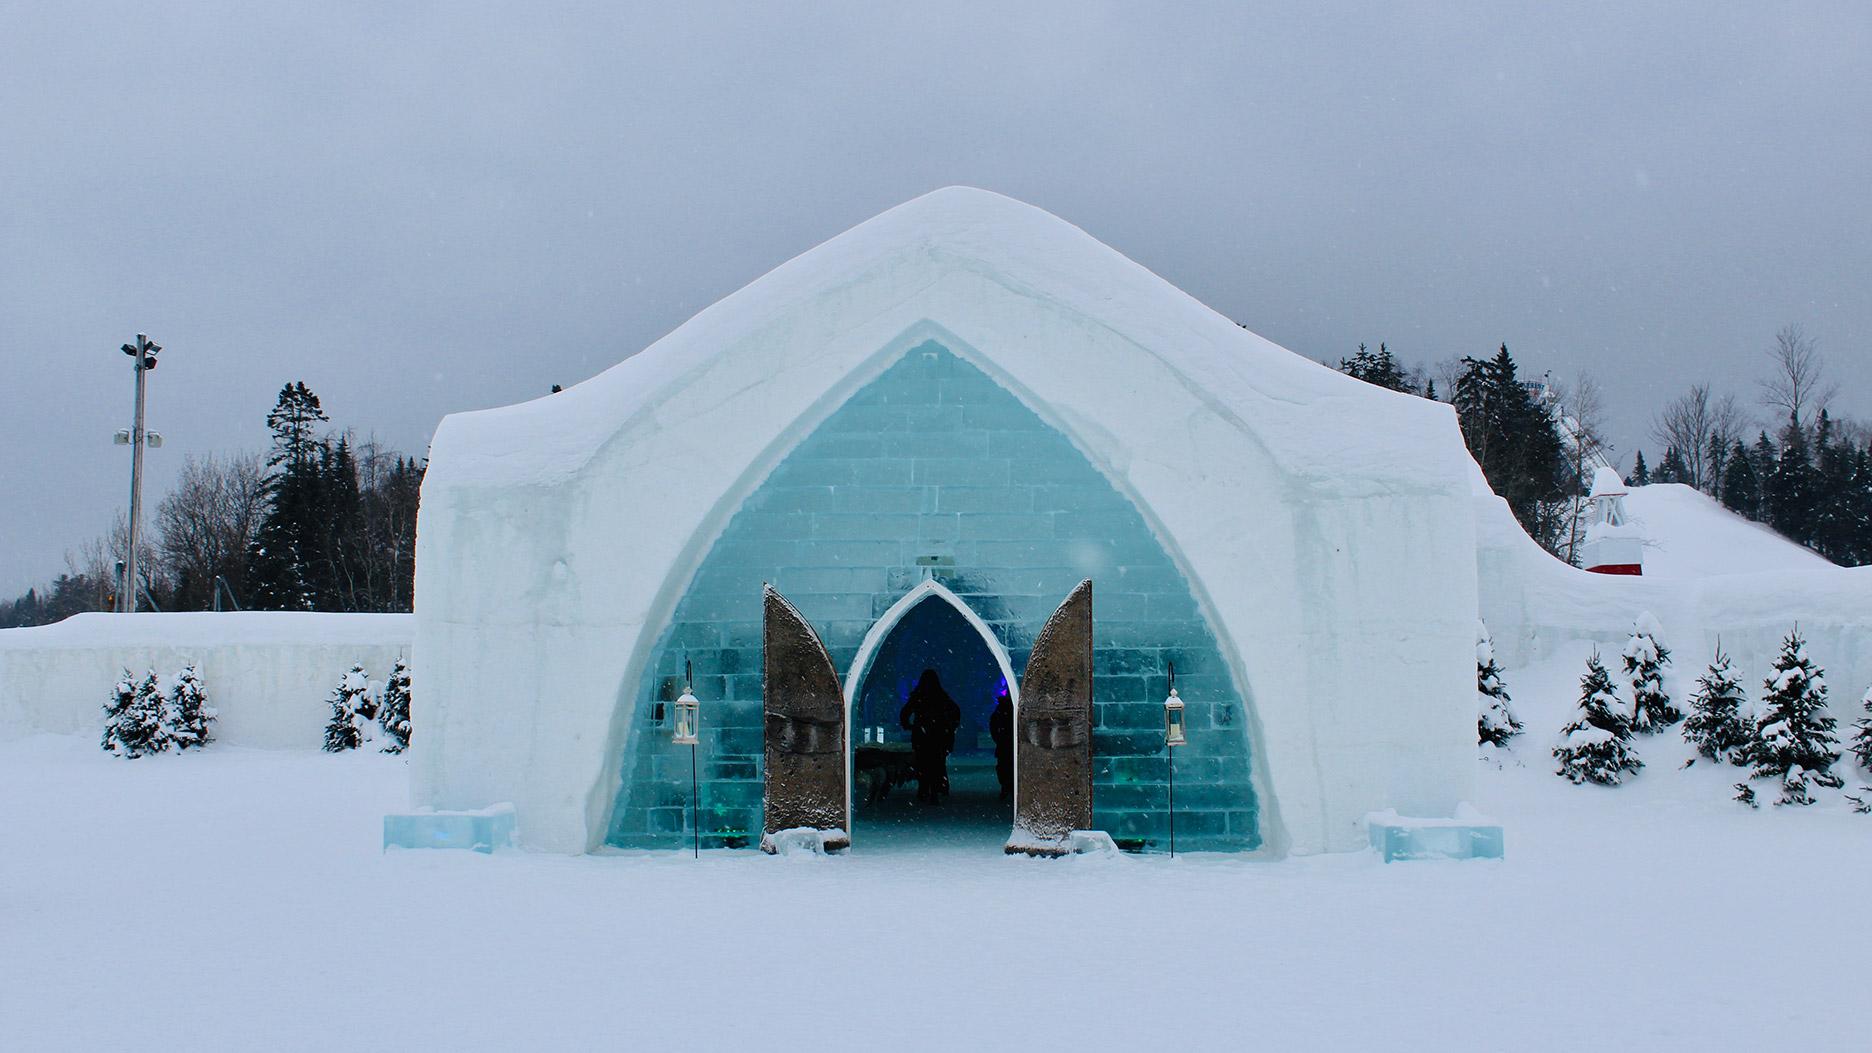 entrée de l'hotel de glace